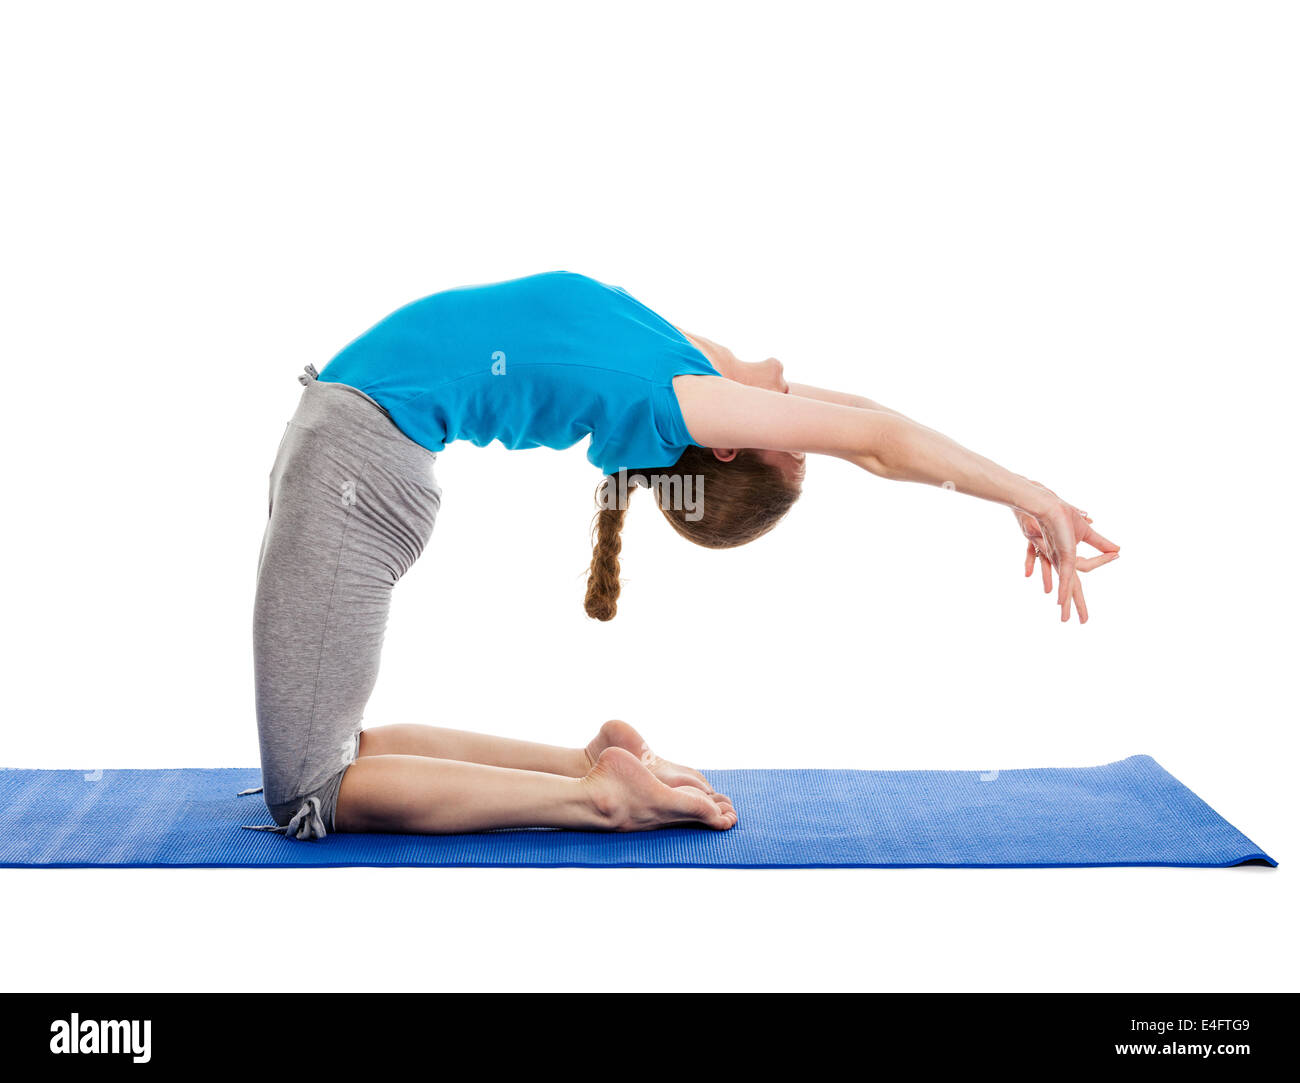 Yoga - giovane bella donna slanciata istruttore yoga facendo variazione avanzata di camel pongono (Ustrasana) asana Immagini Stock